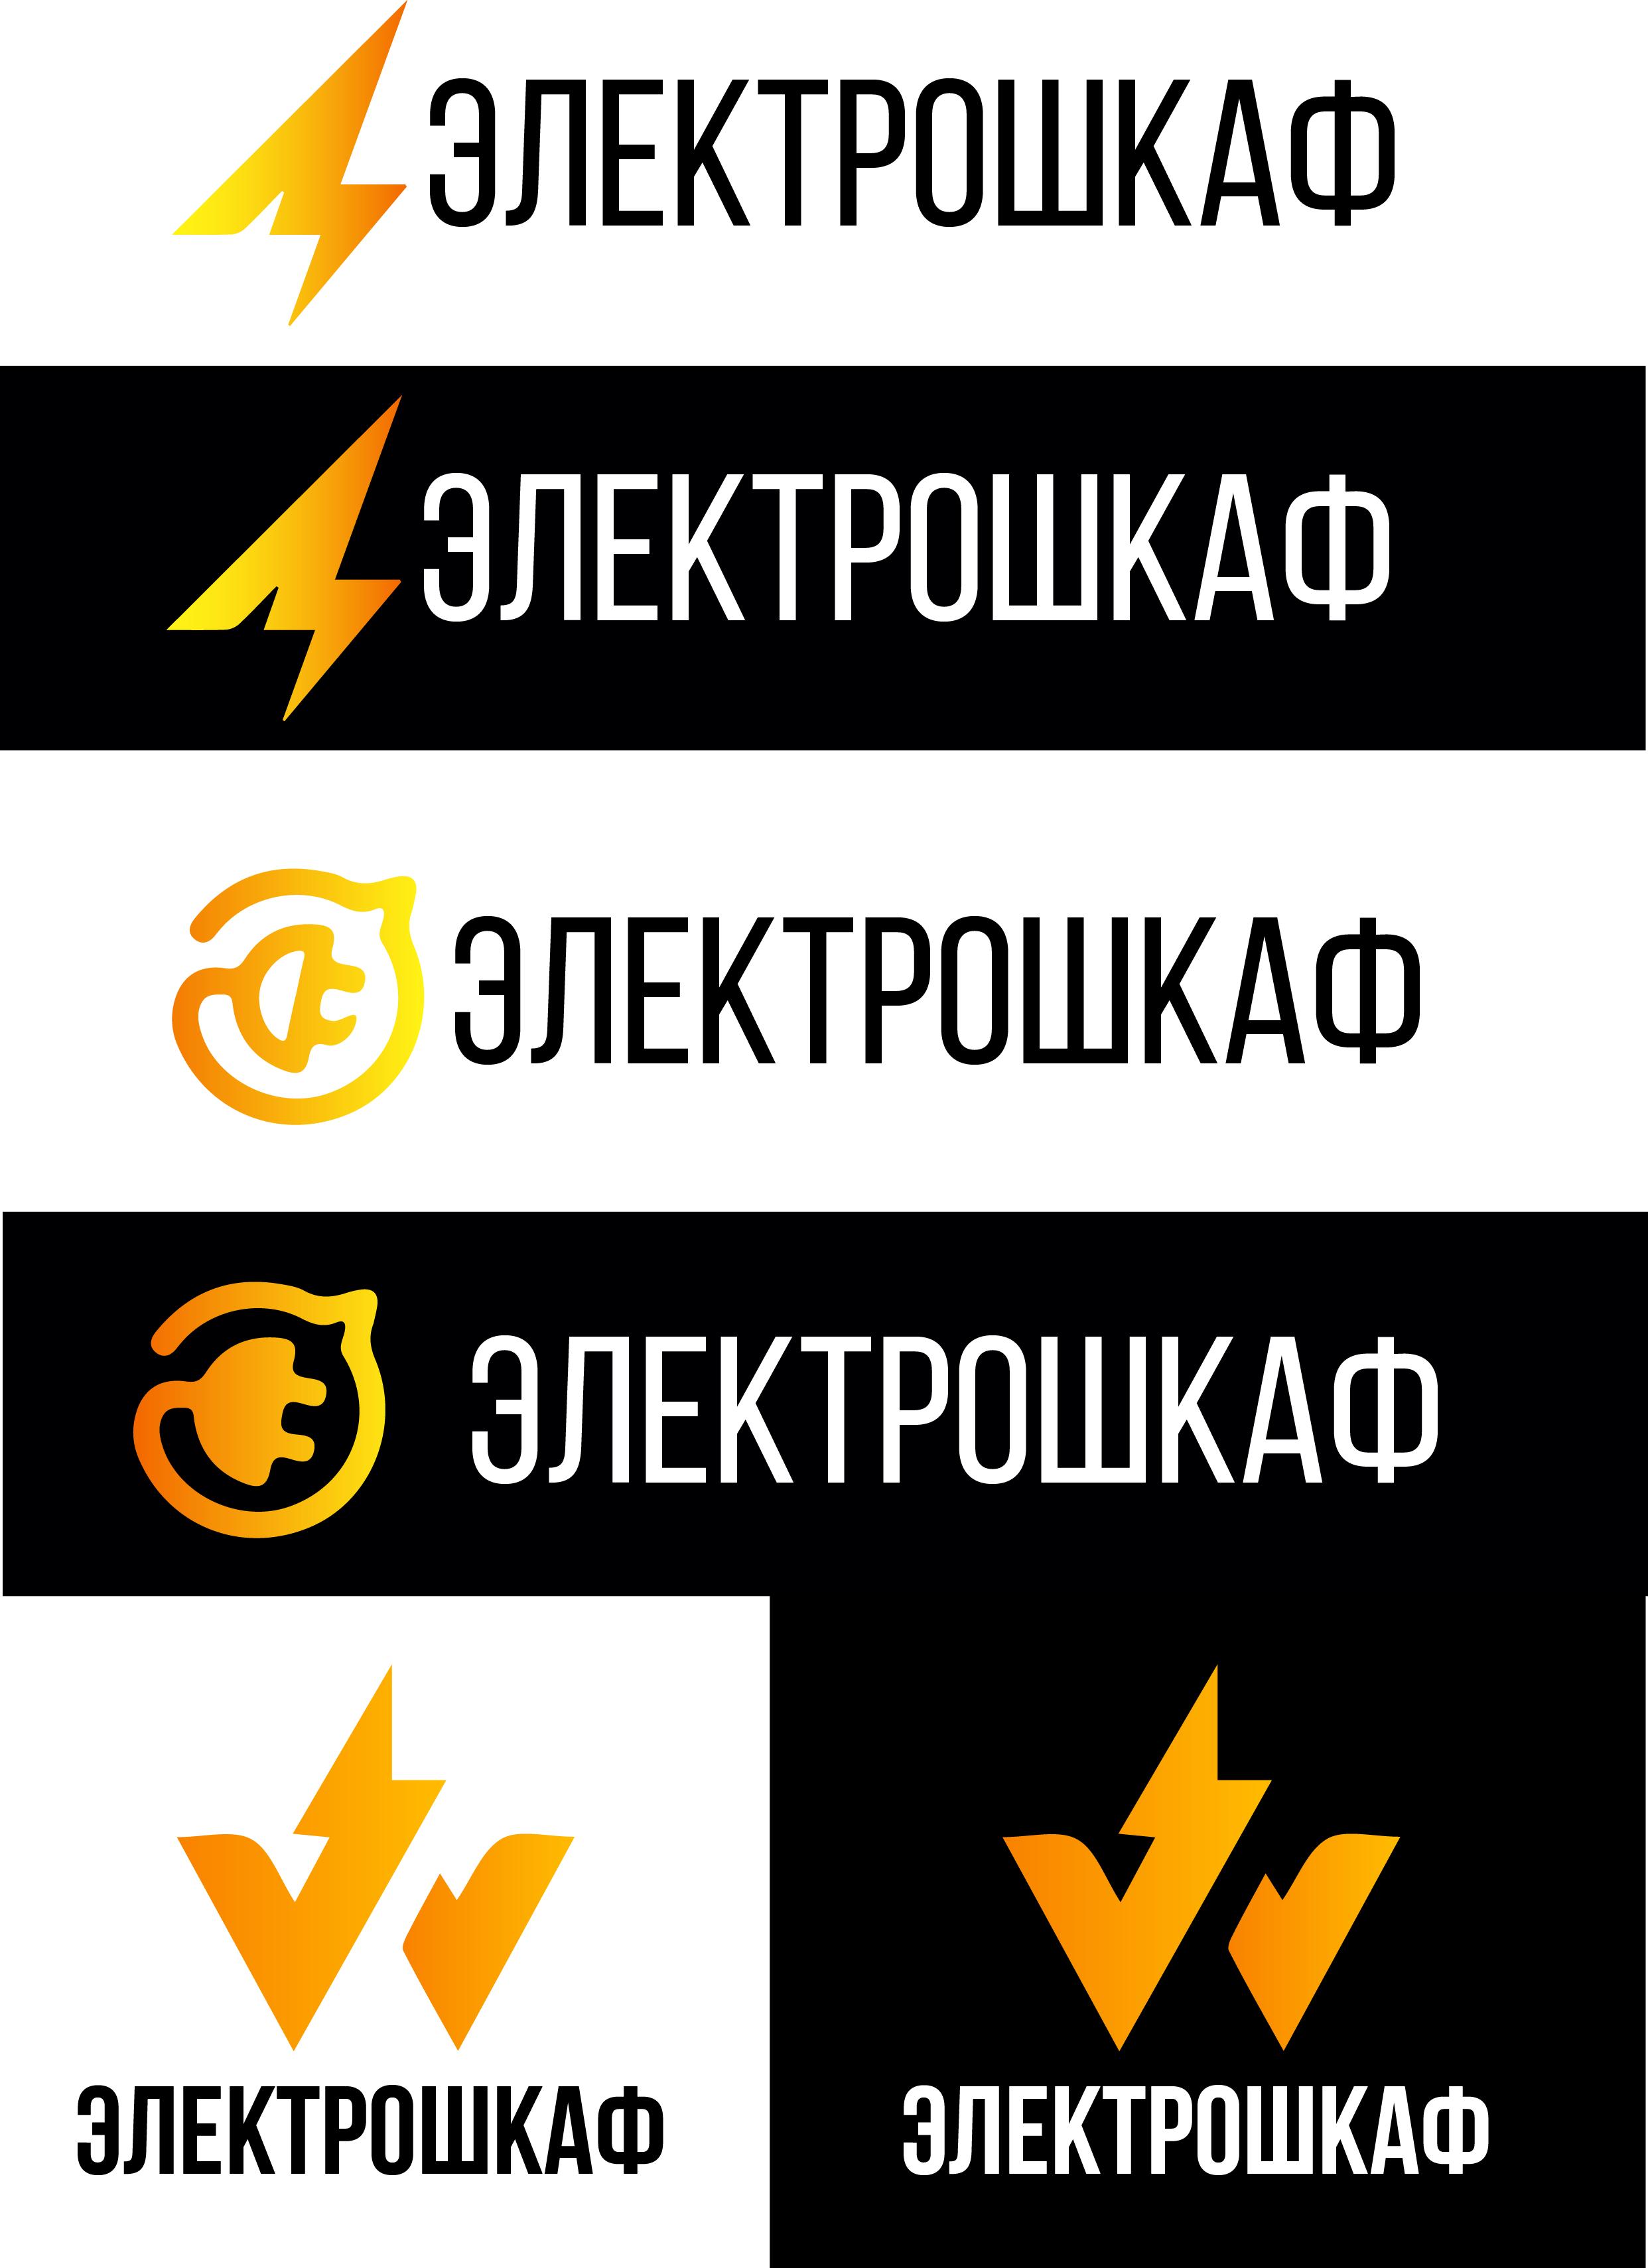 Разработать логотип для завода по производству электрощитов фото f_6155b70a6f22fdf8.png